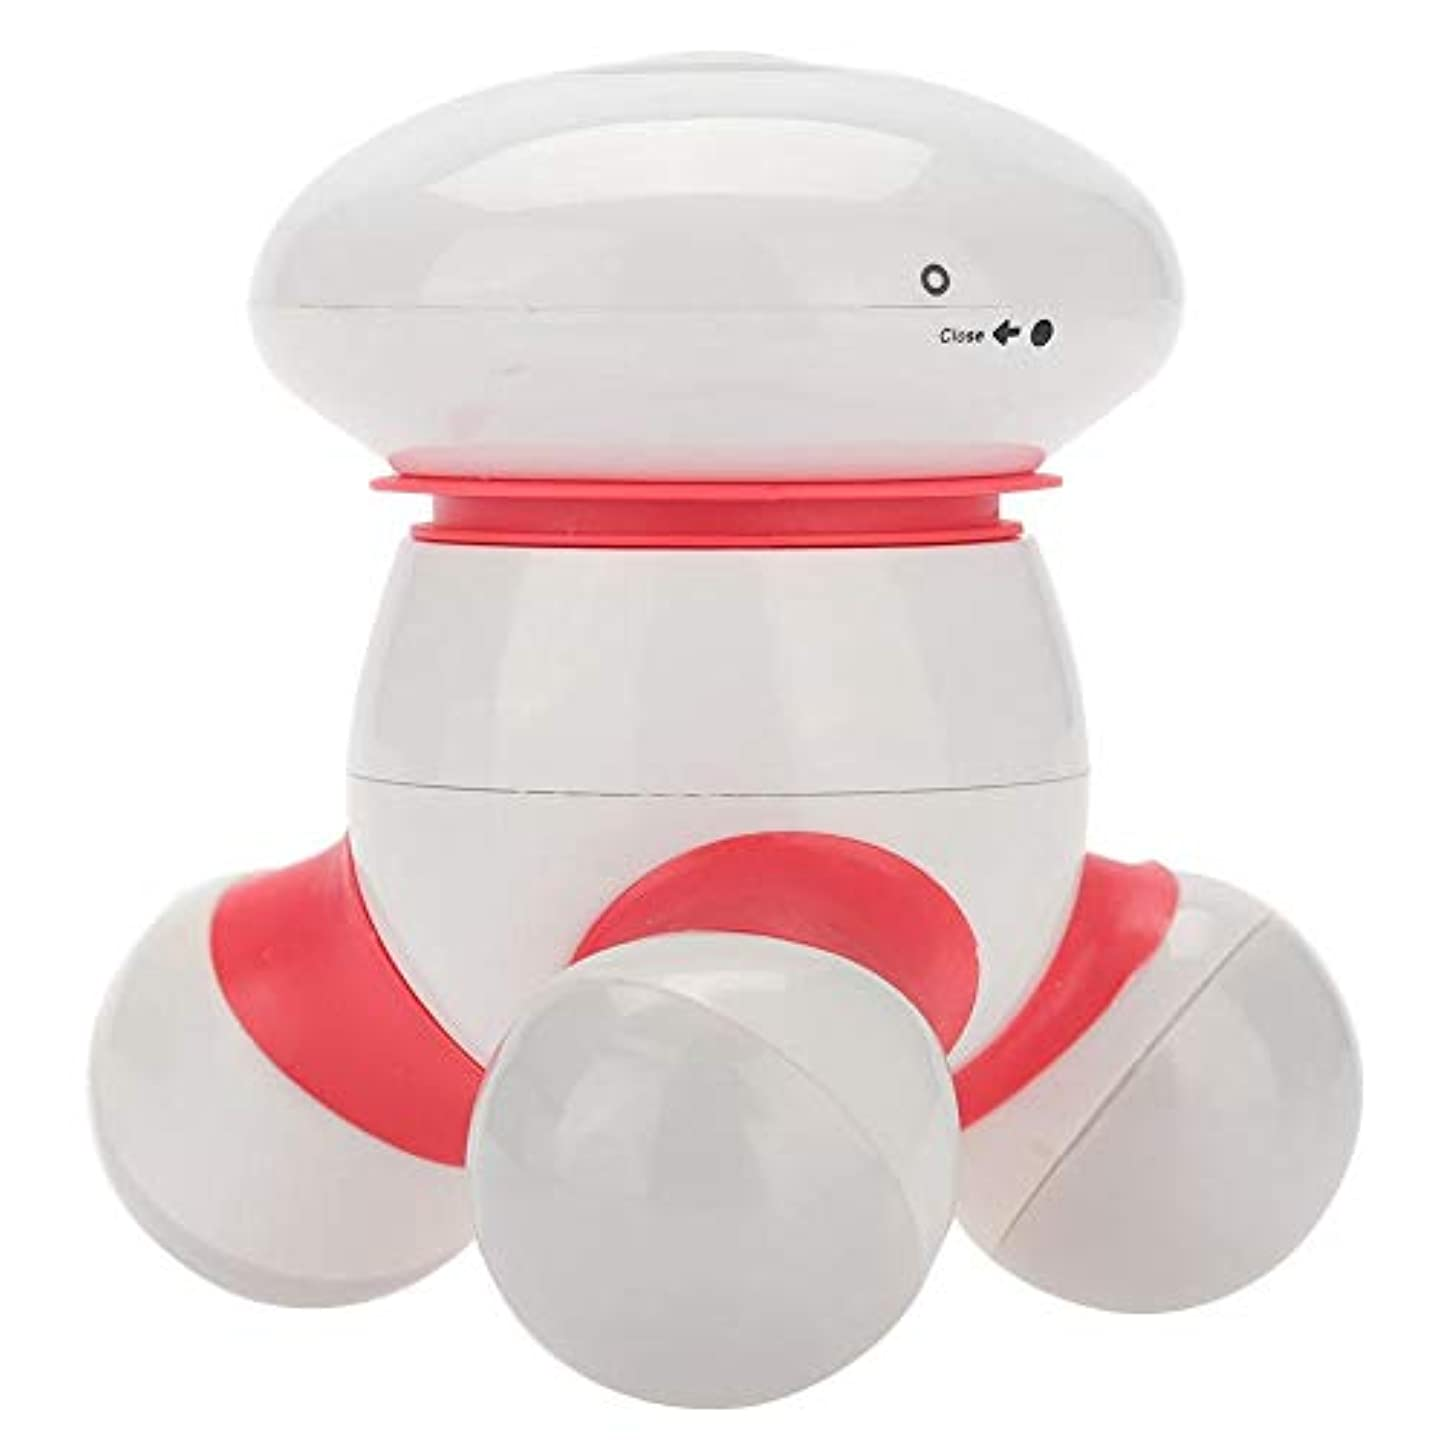 ローブ冒険靄専門のウエストの首のマッサージャー、手持ち型のマッサージャーの全身のウエストの首のAcupointの振動マッサージャー(赤)